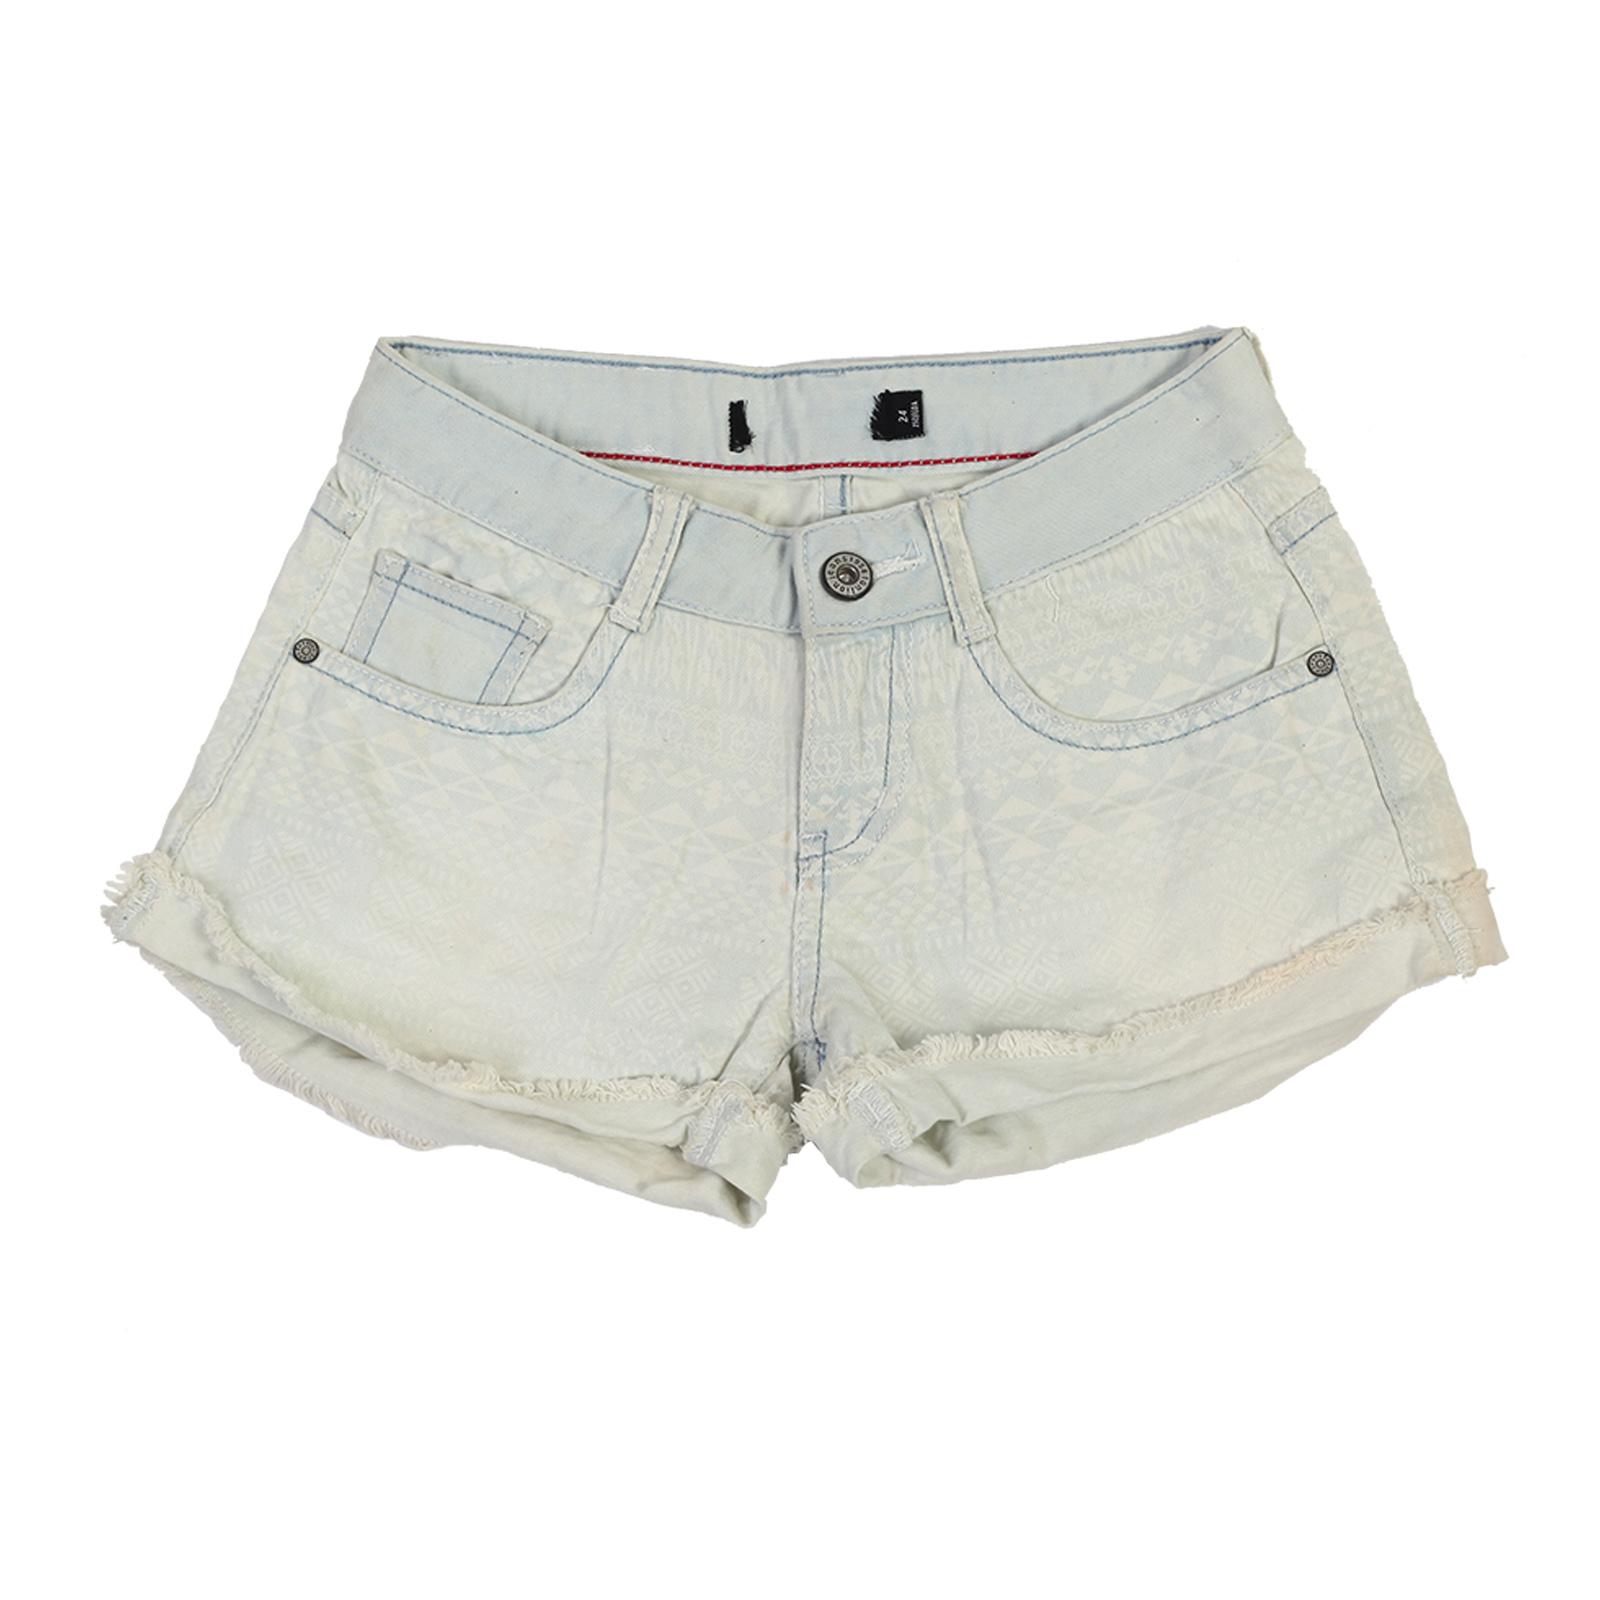 Женские джинсовые шорты с бохо-принтом.